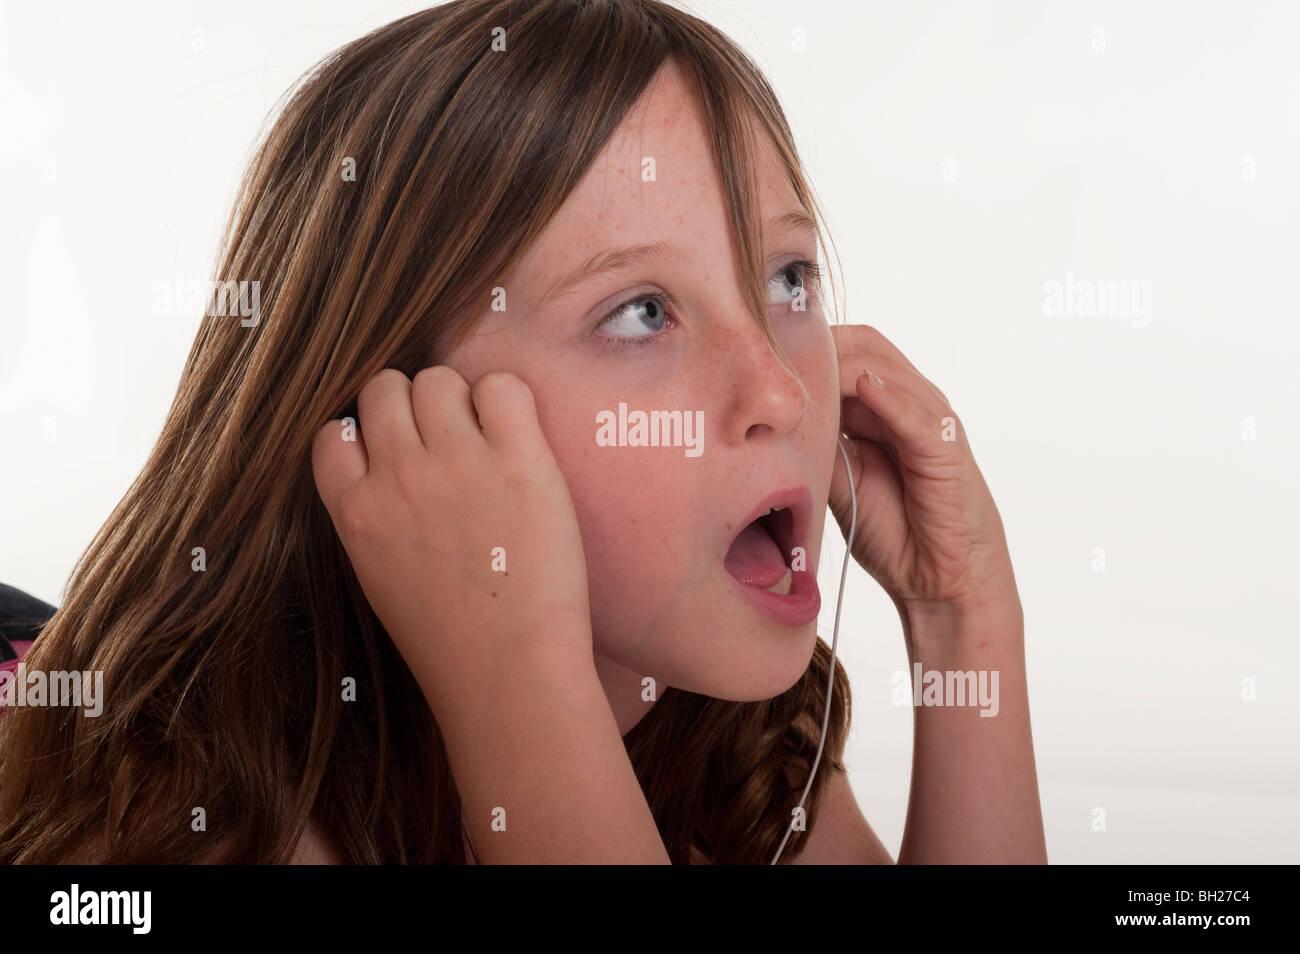 little girl listening to music through earphones - Stock Image